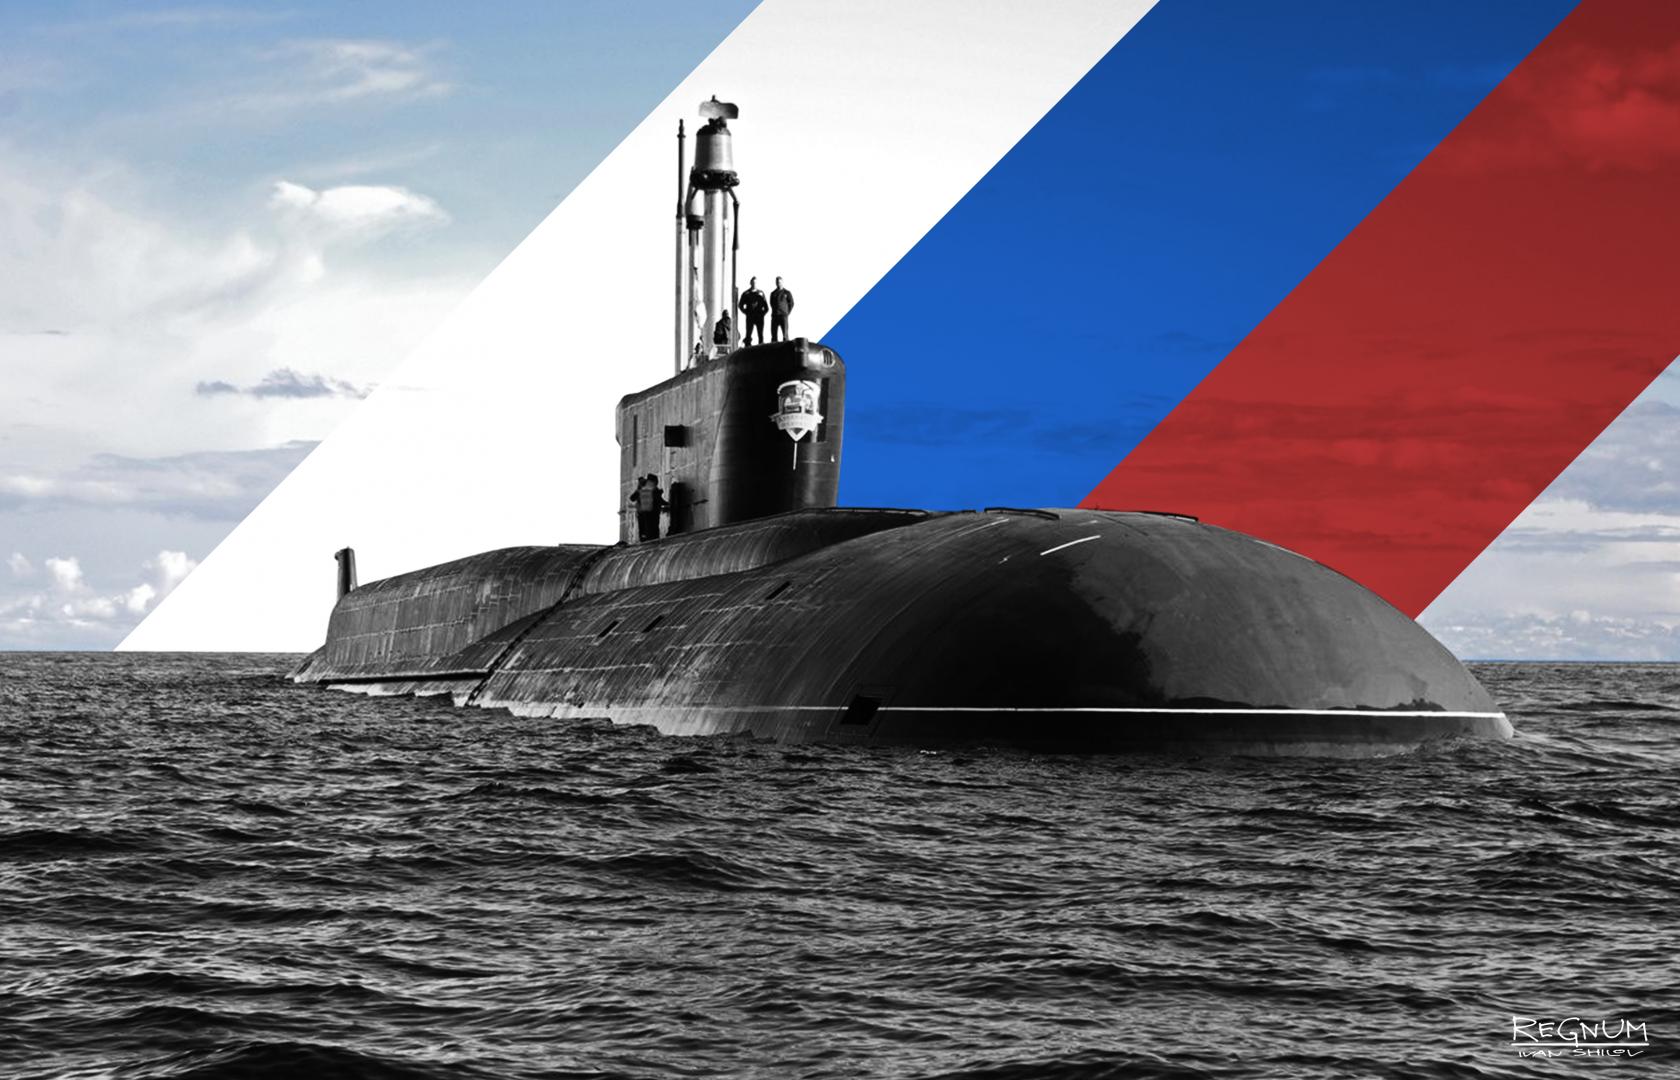 падает уступов, российский подводный флот в фотографиях нком объясняет